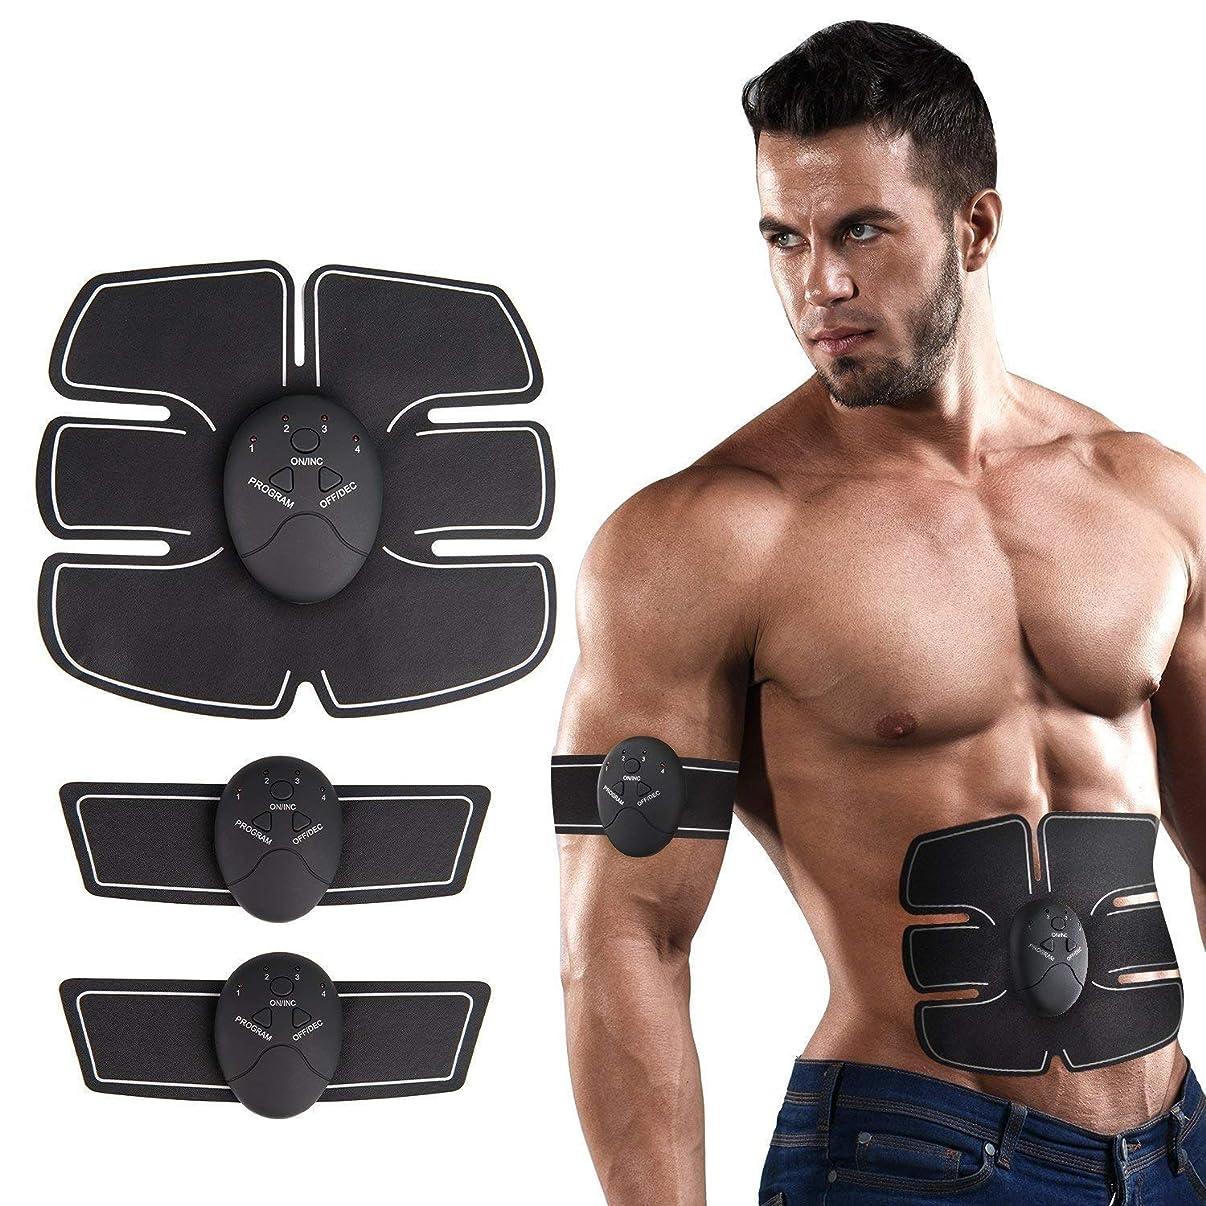 ビヨン実際既にフィットネス腹筋トレーナーEMS筋刺激剤筋トナー腹筋マッサージ器、家庭用ユニセックスUSB充電腹部/腕/脚重量を減らすためのトレーニング腹筋トレーニング